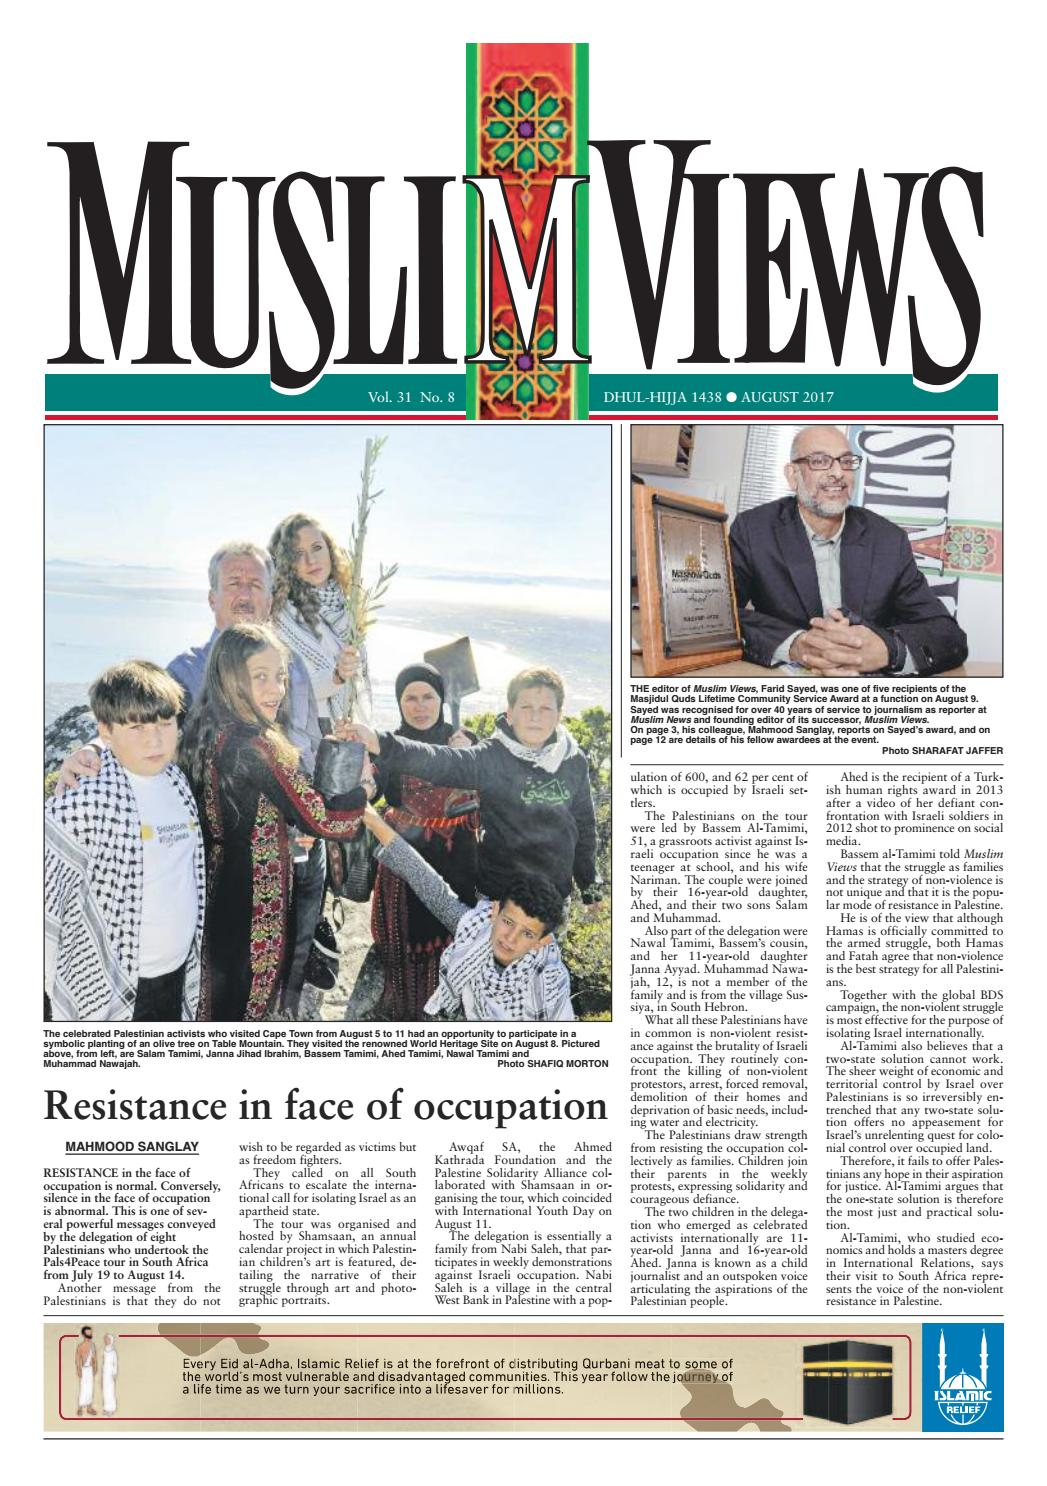 Muslim views august 2017 by muslim views issuu kristyandbryce Choice Image